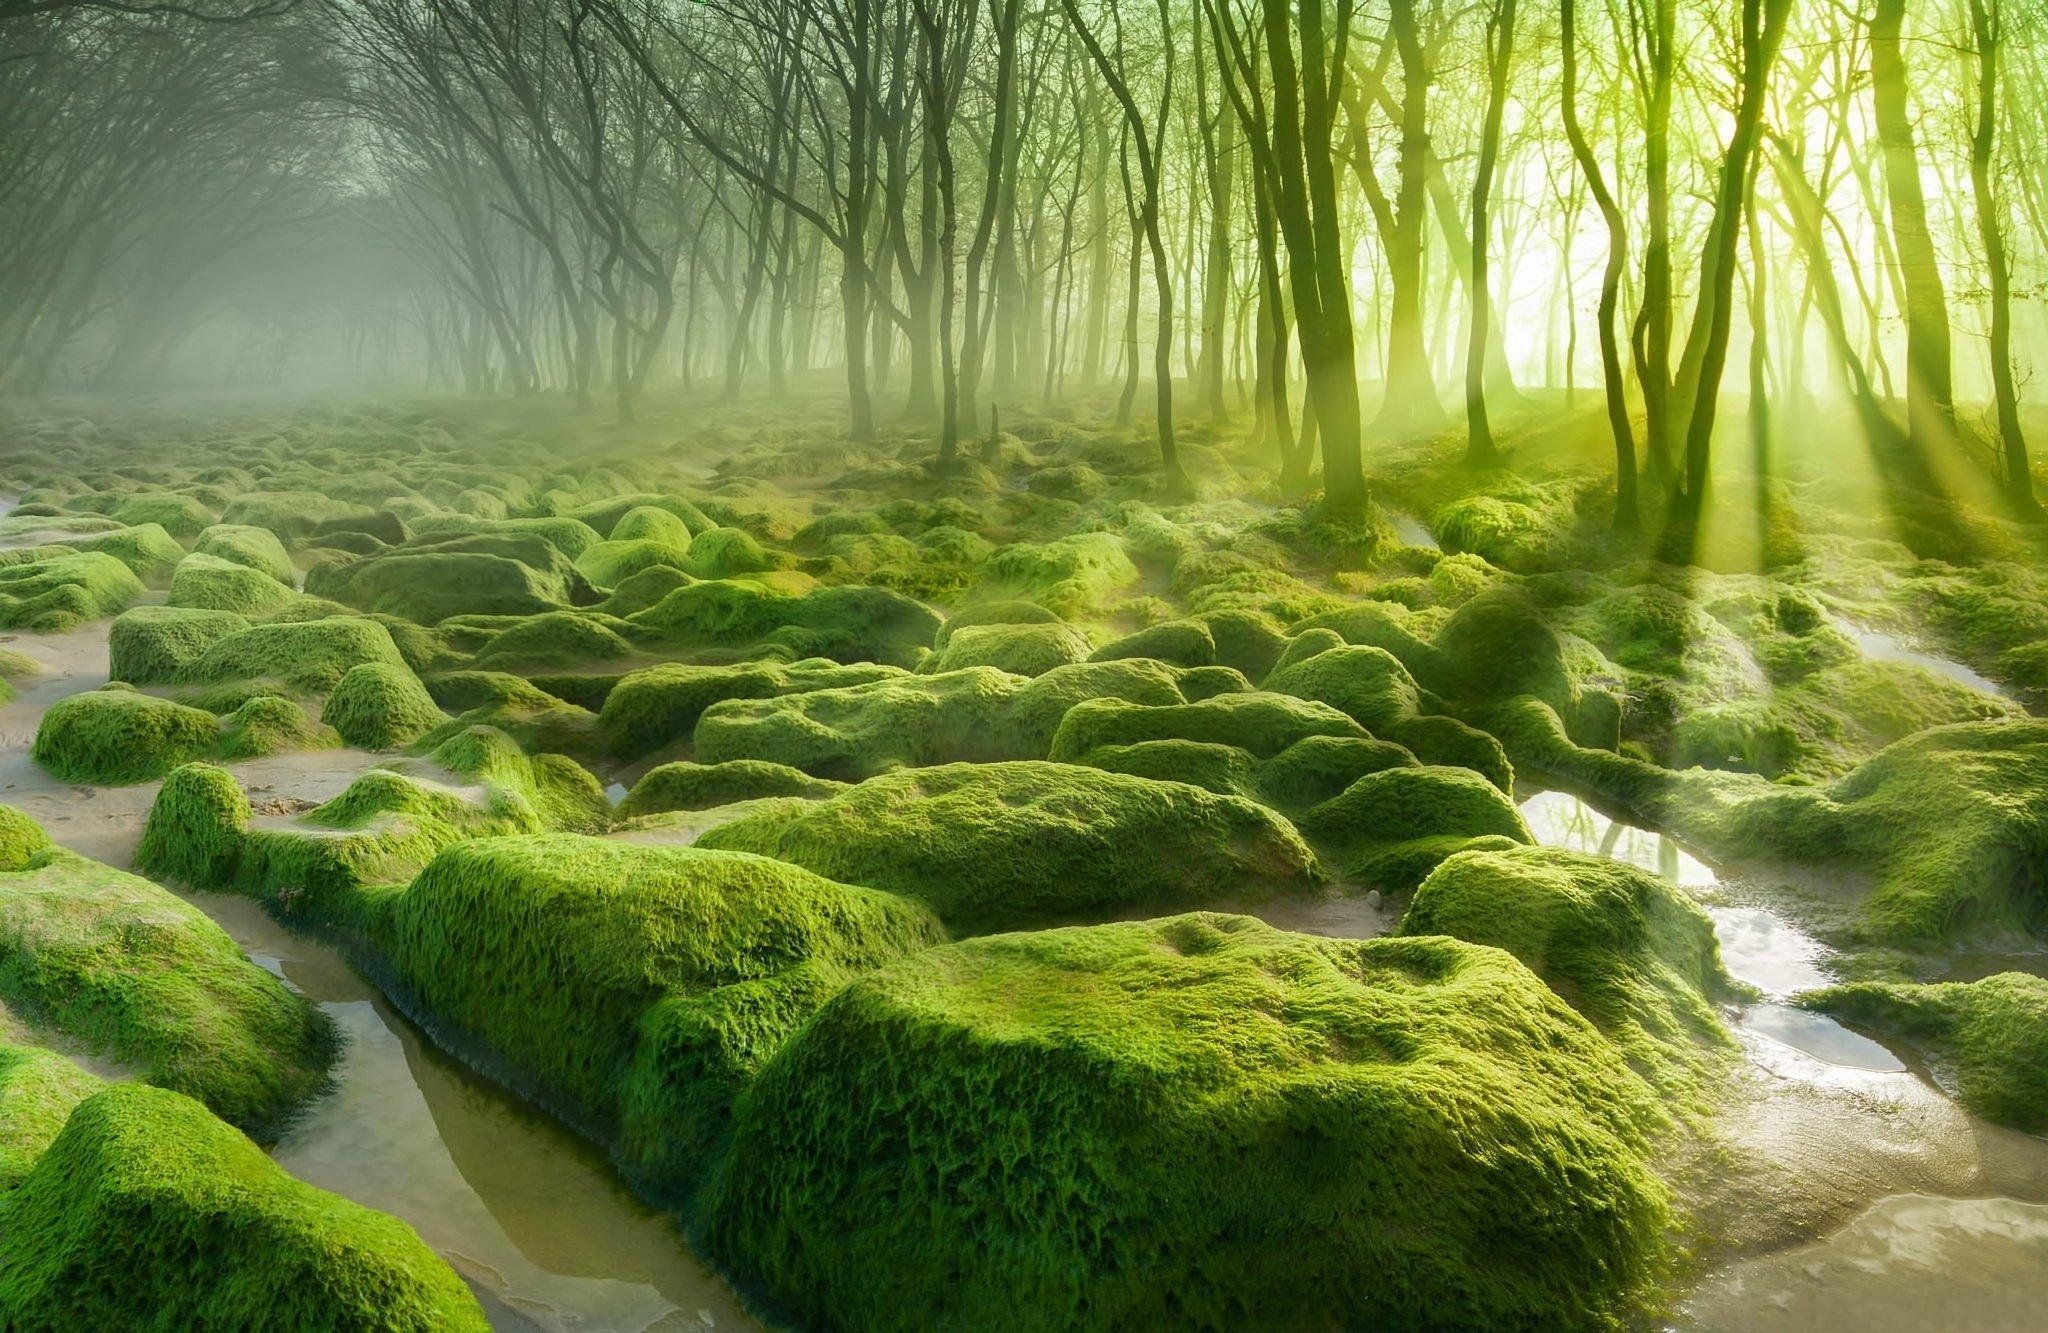 Trees Swamp Fresh Background Images Morninglandscape 2048x1333